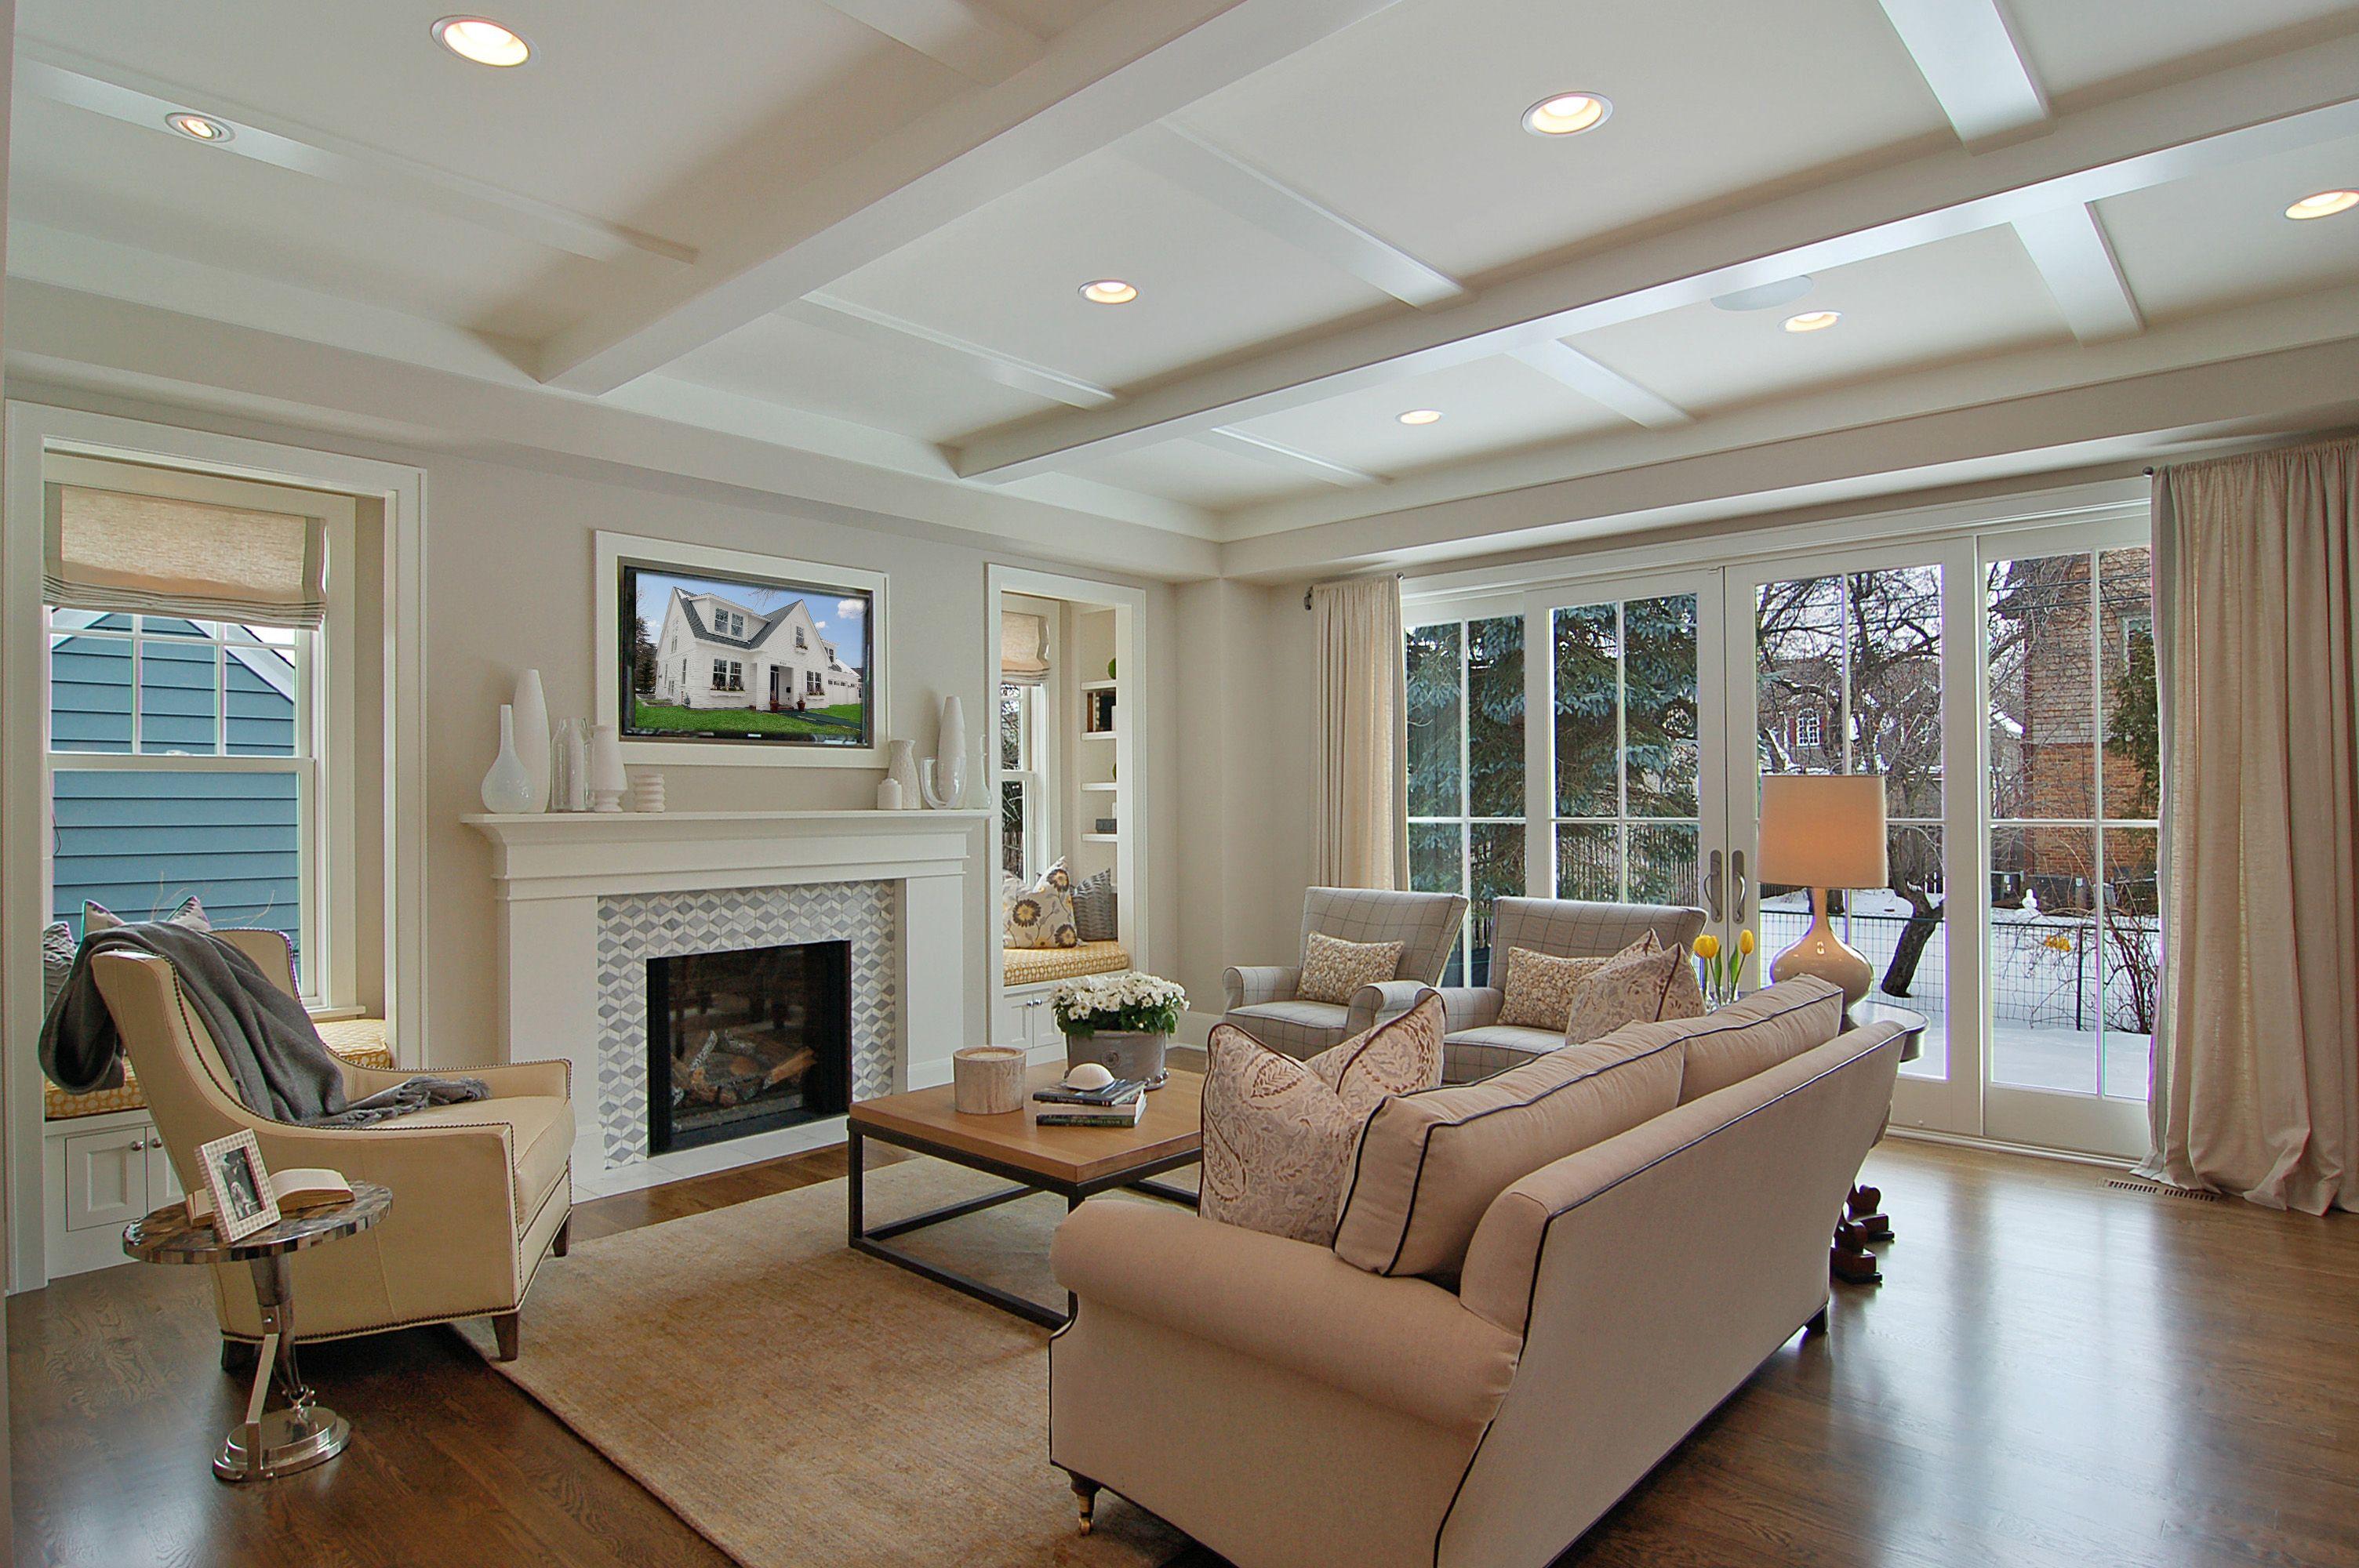 18++ Family room vs living room ideas